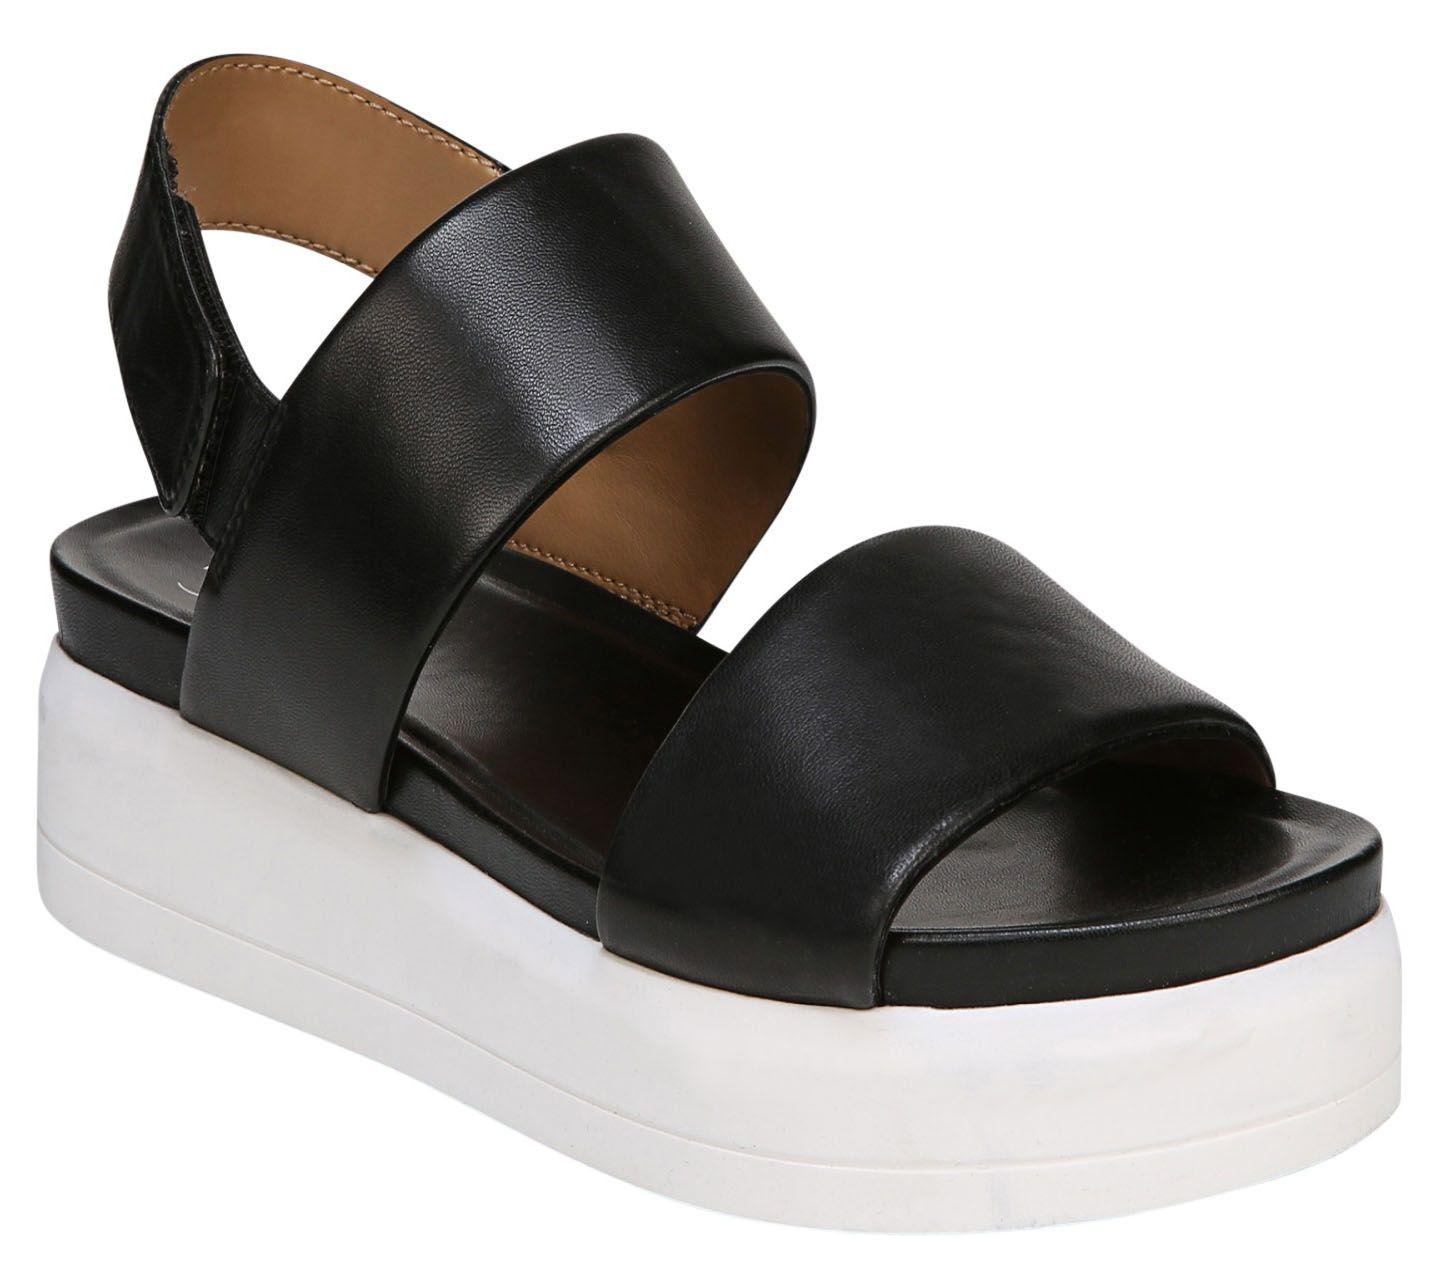 0ff9f24c870e Franco Sarto Sport Sandals - Kenan — QVC.com